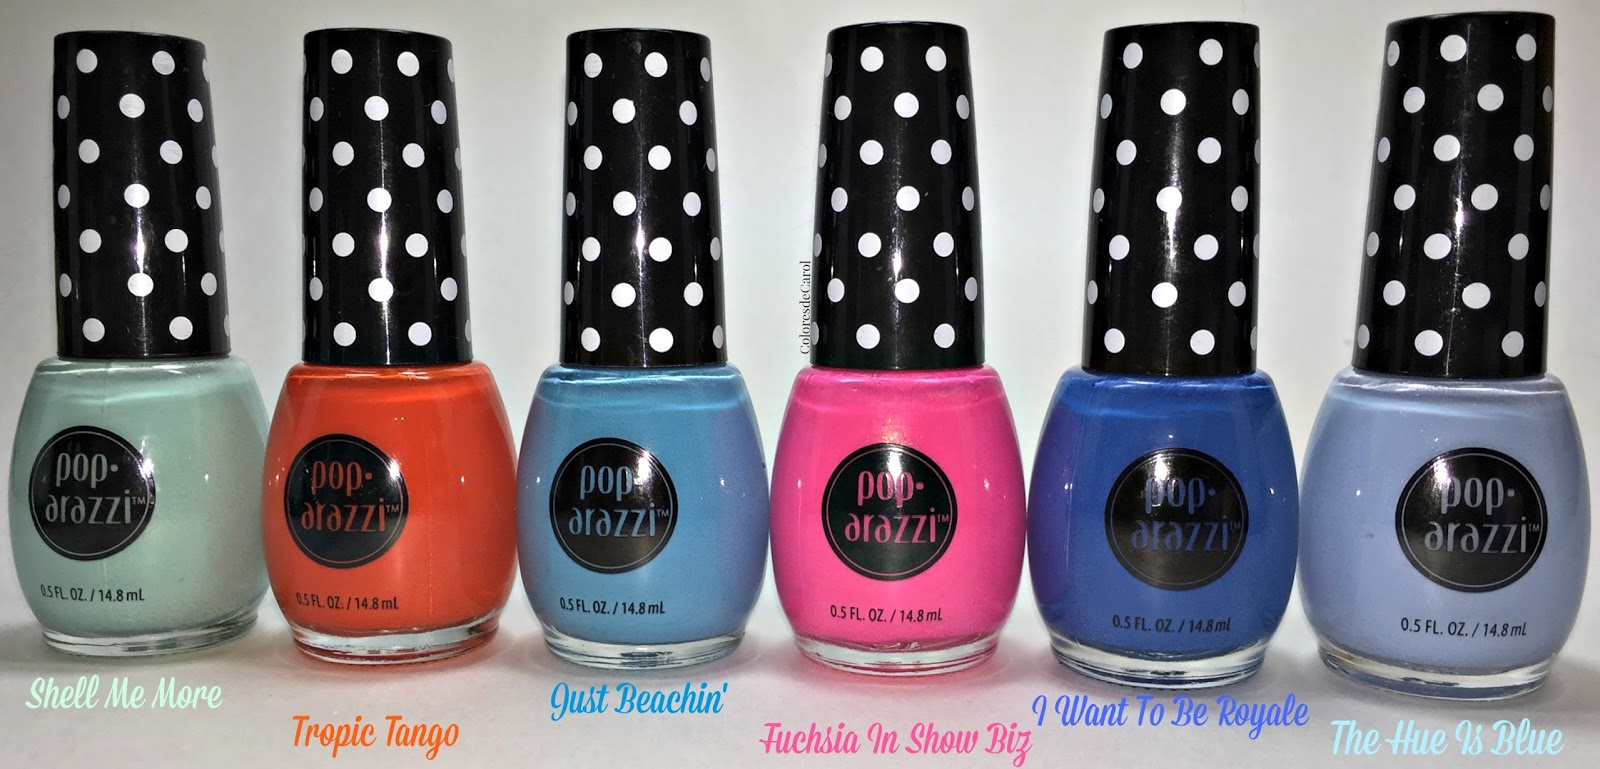 Pop Arazzi Nail Polish Colores De Carol Bloglovin